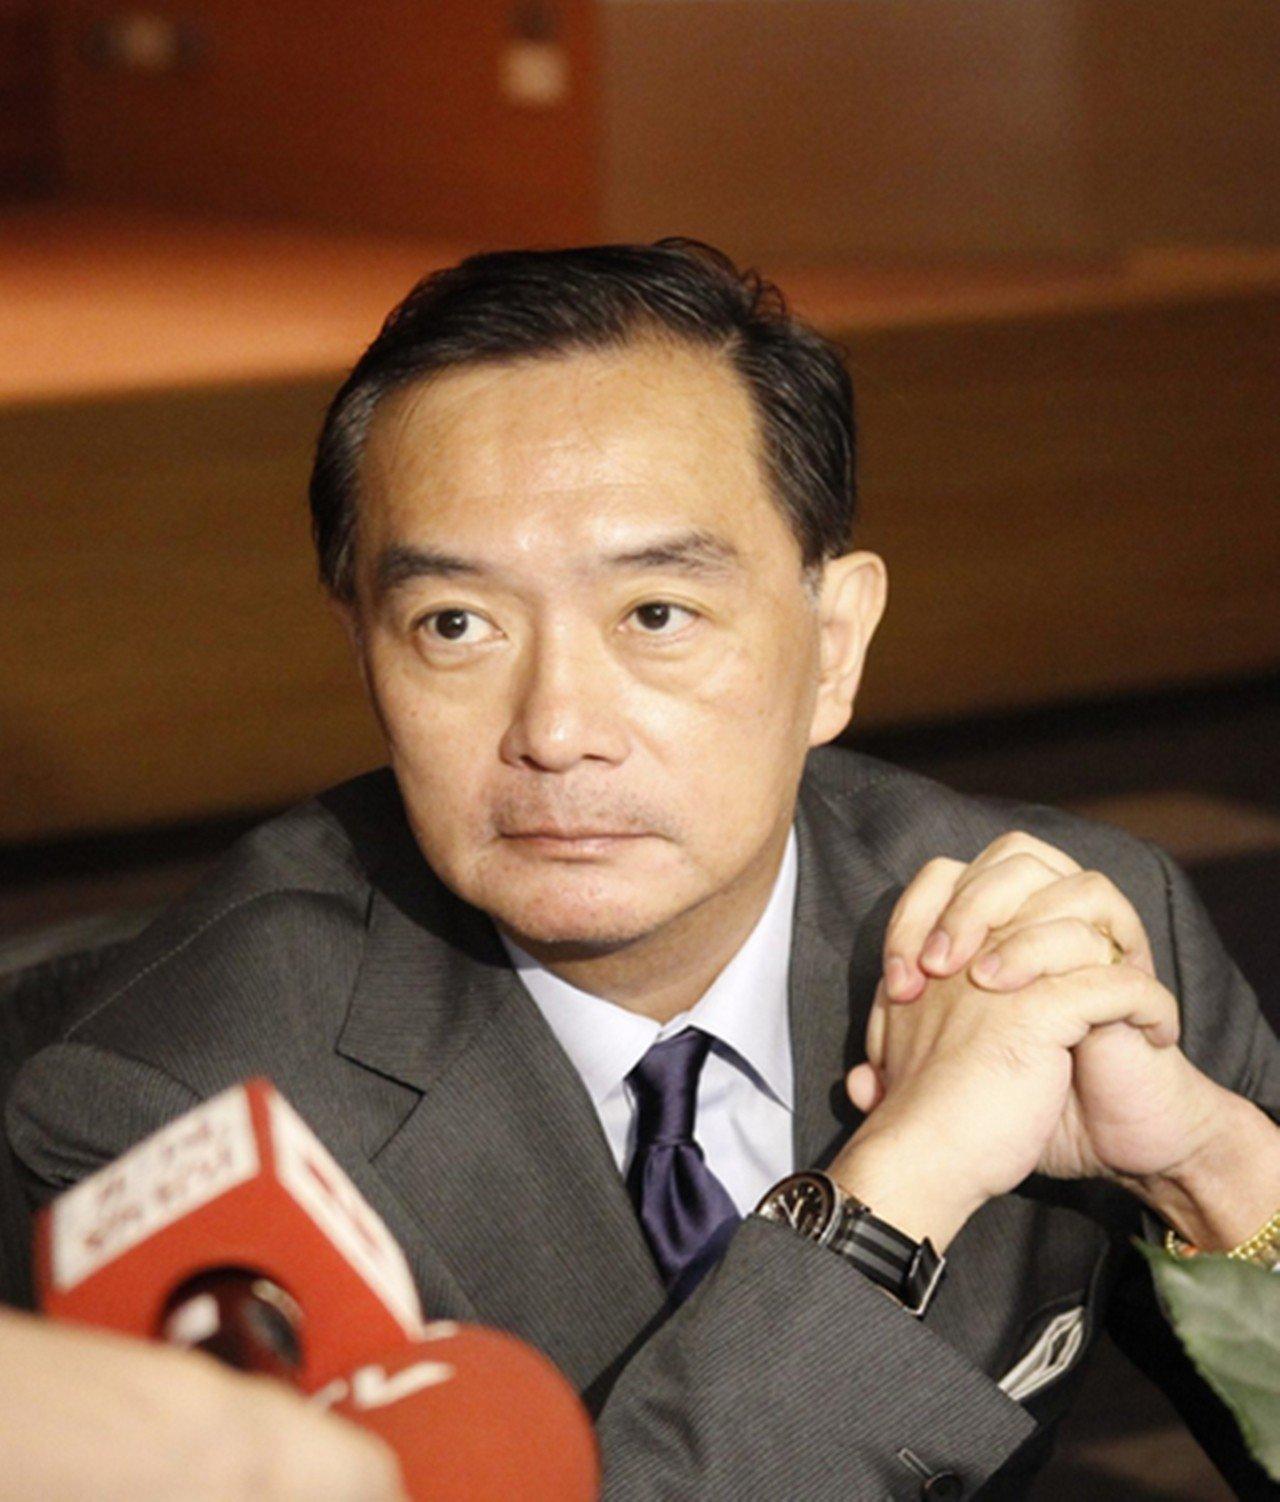 裕隆集團董事長嚴凱泰日前驟然辭世,他曾在16年前為台日棒球交流默默付出,出錢出力...